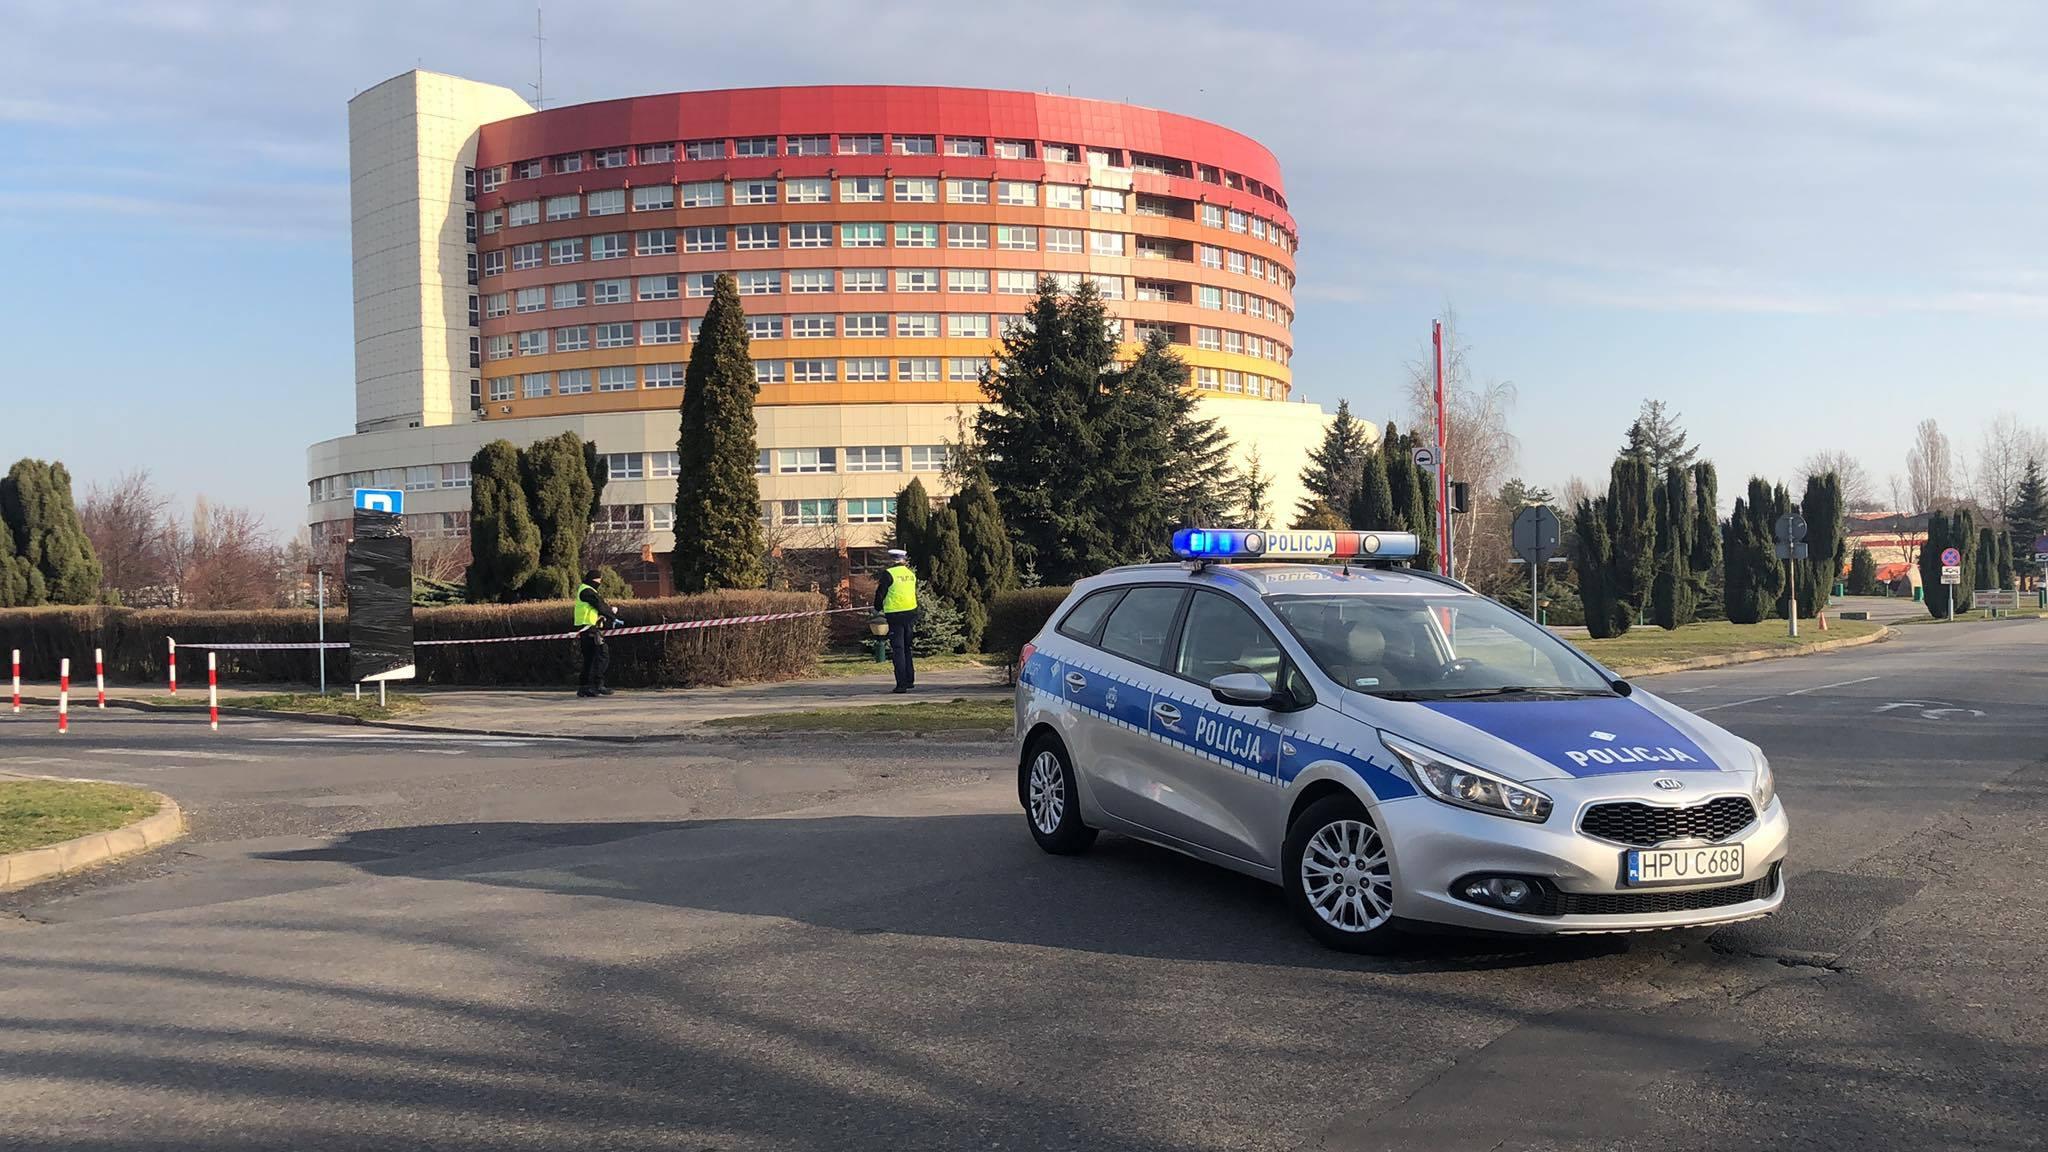 szpital kalisz zamknięty  - Danuta Synkiewicz